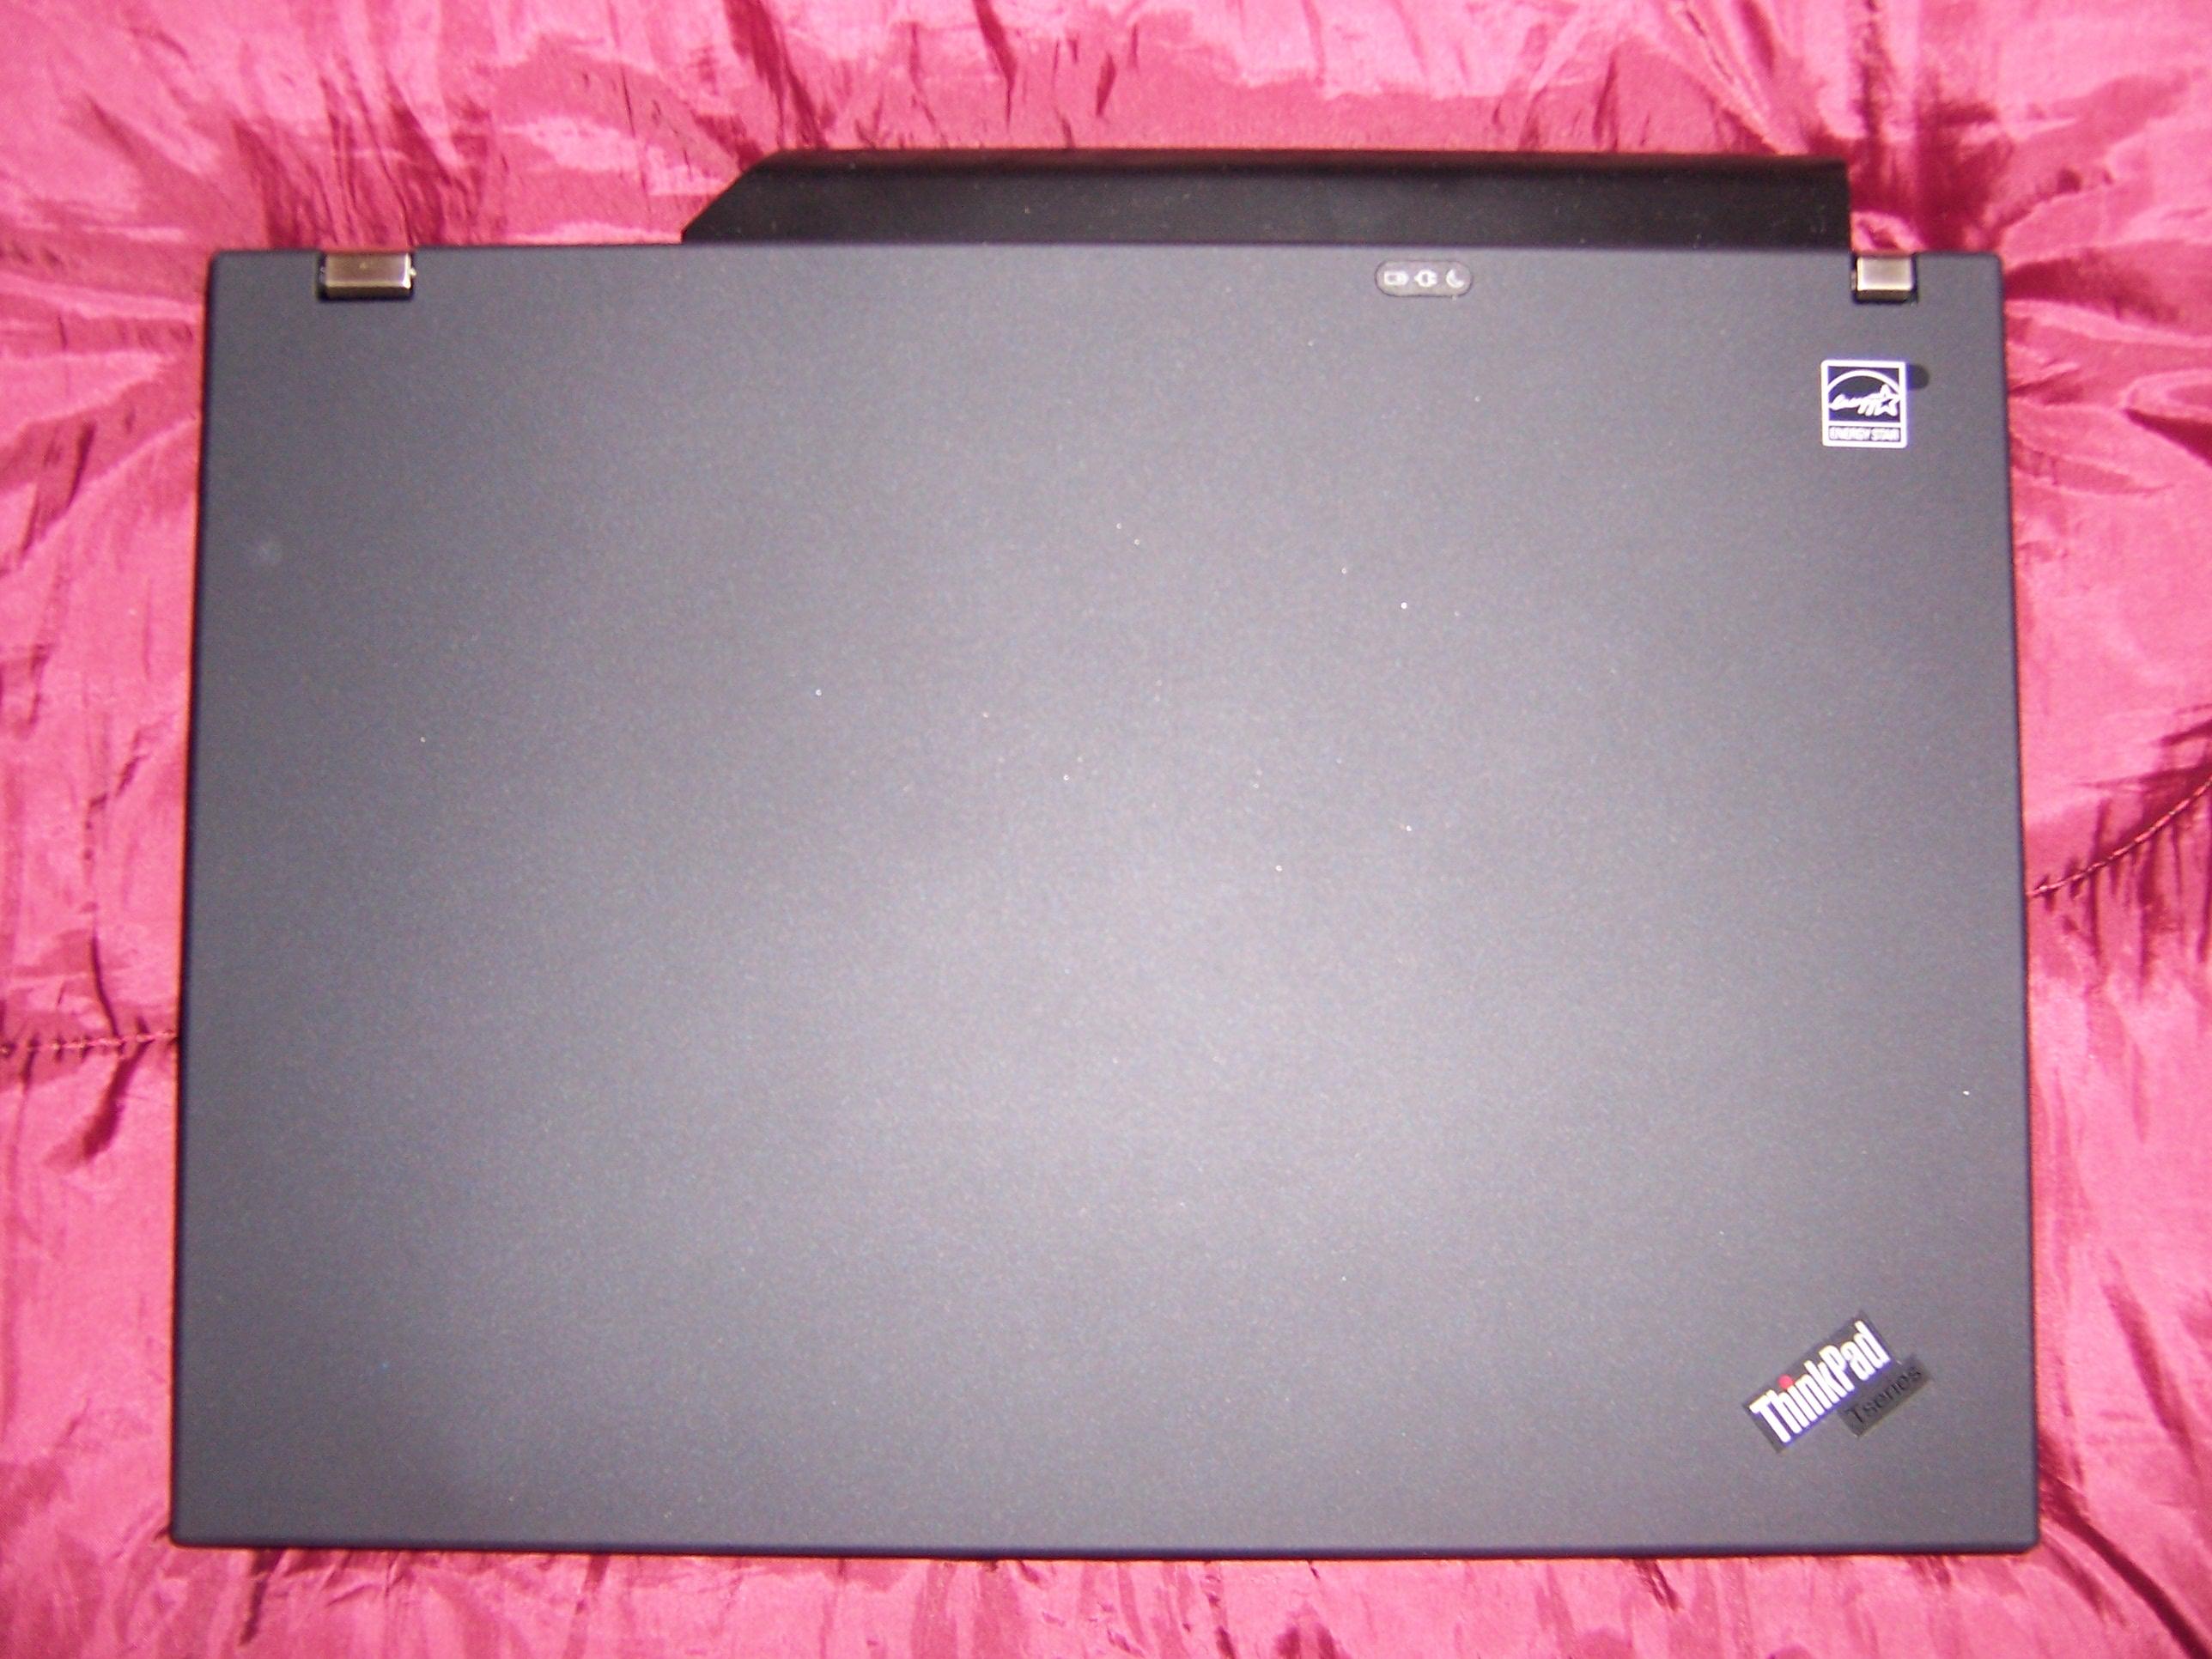 Mini Thinkpad T61 Review